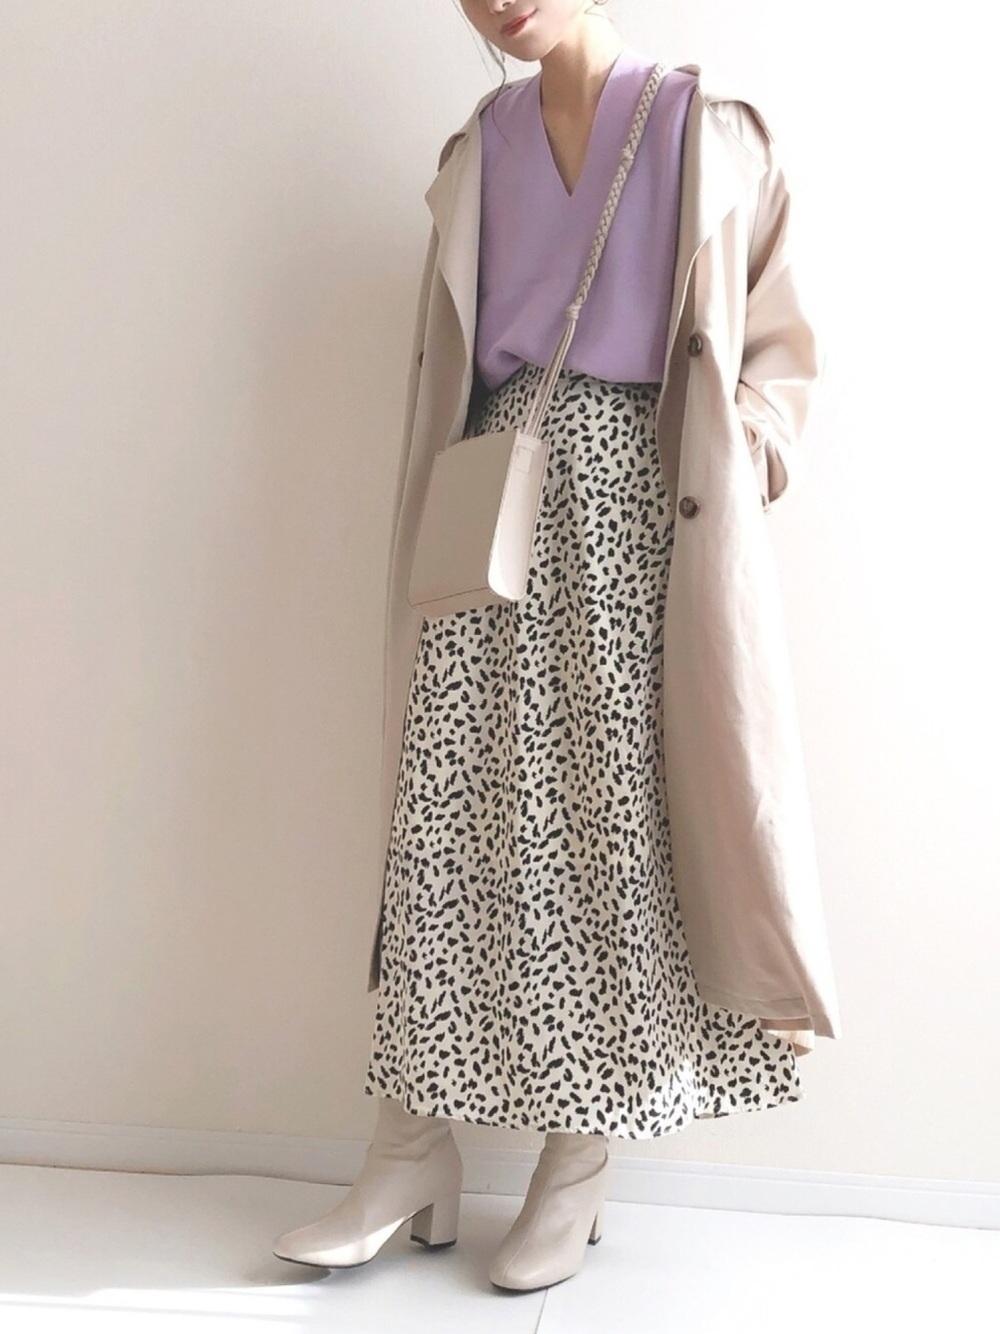 ダルメシアン柄フレアスカート ¥2,299